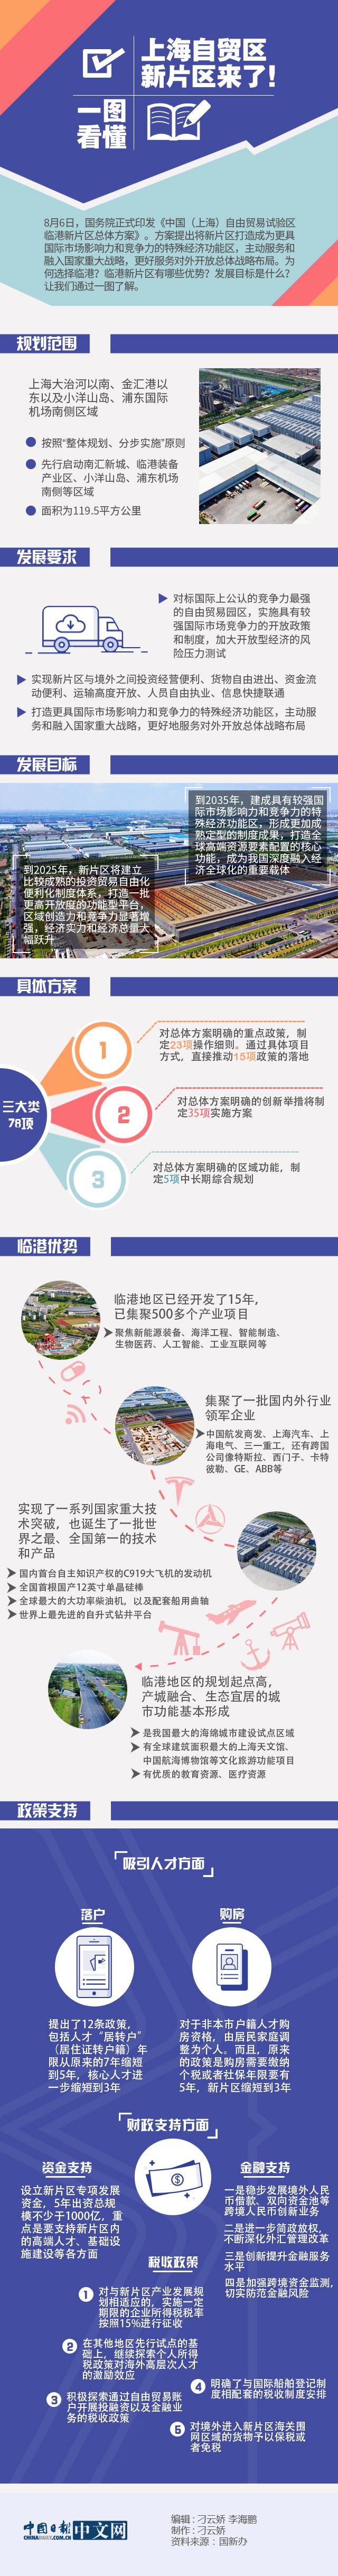 上海自贸区新片区来了!一图看懂